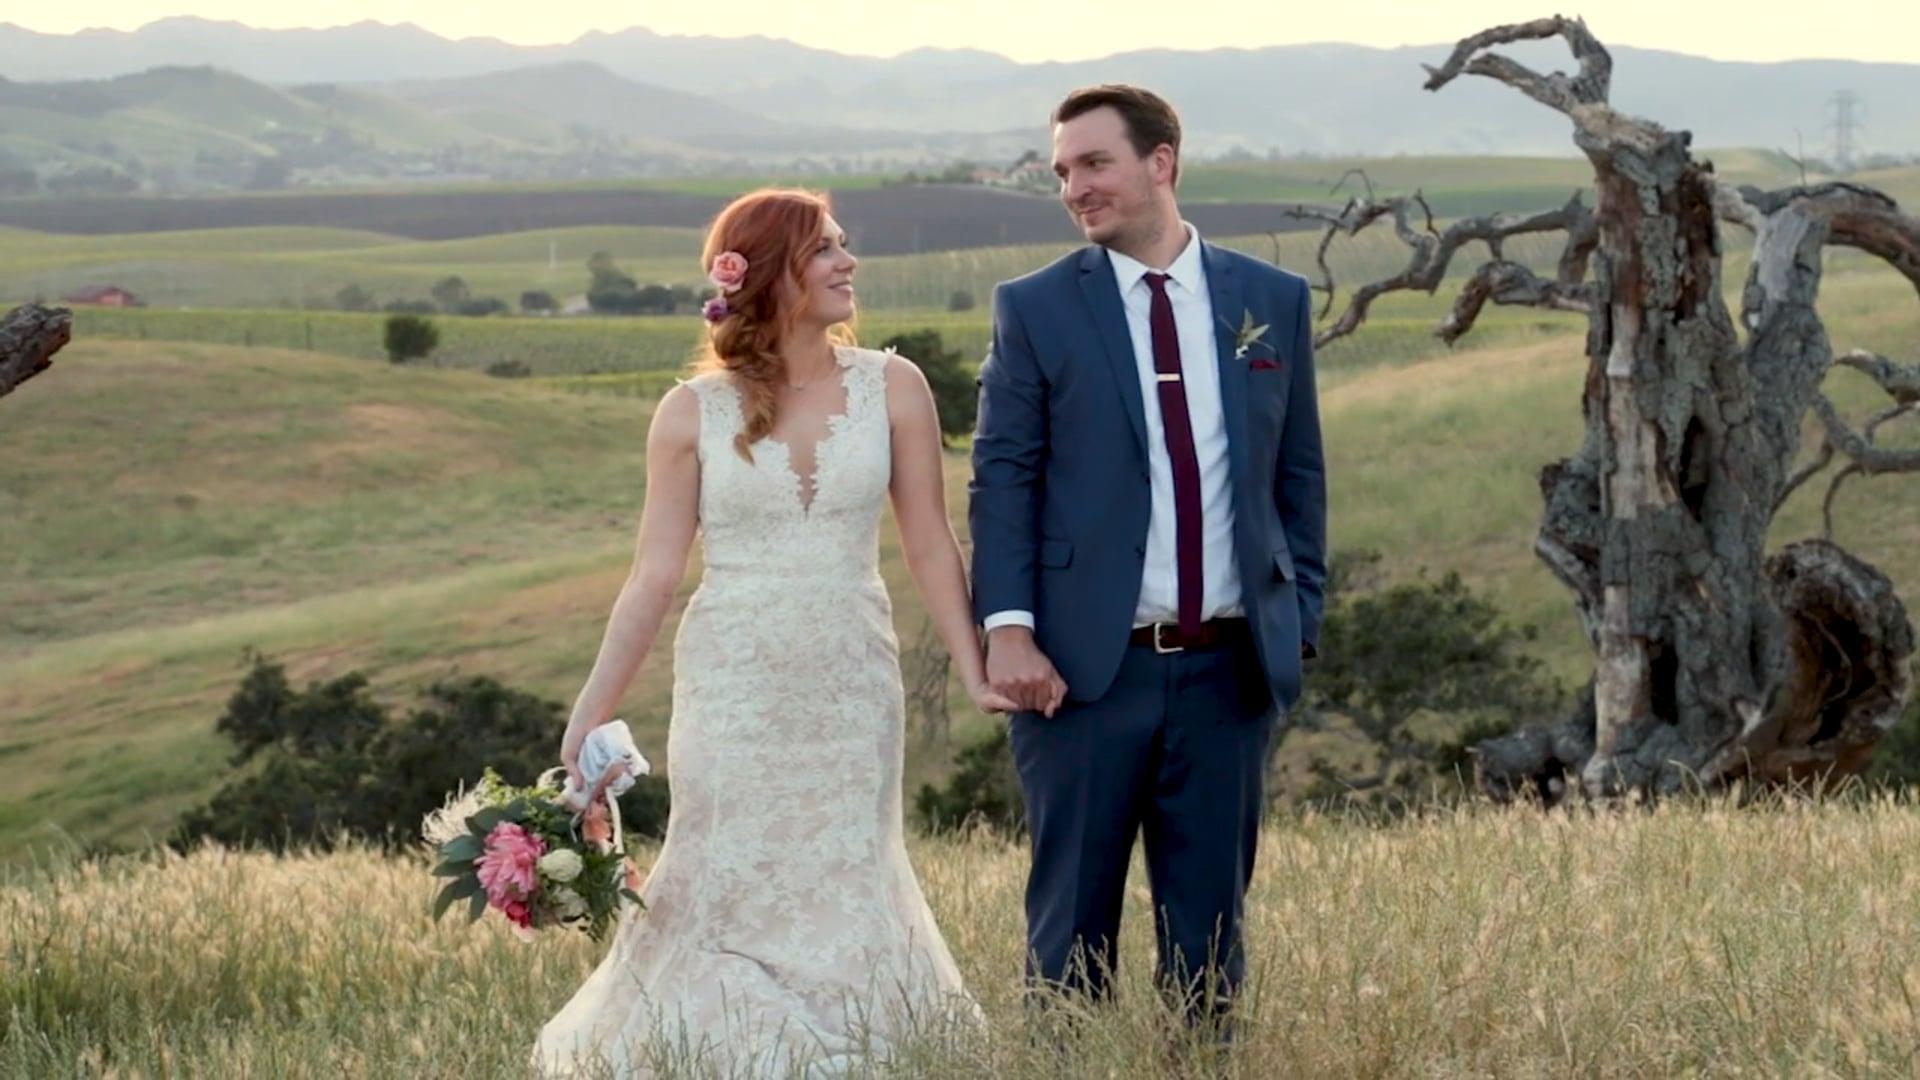 Stephanie + James//Spreafico Farms, San Luis Obispo, CA